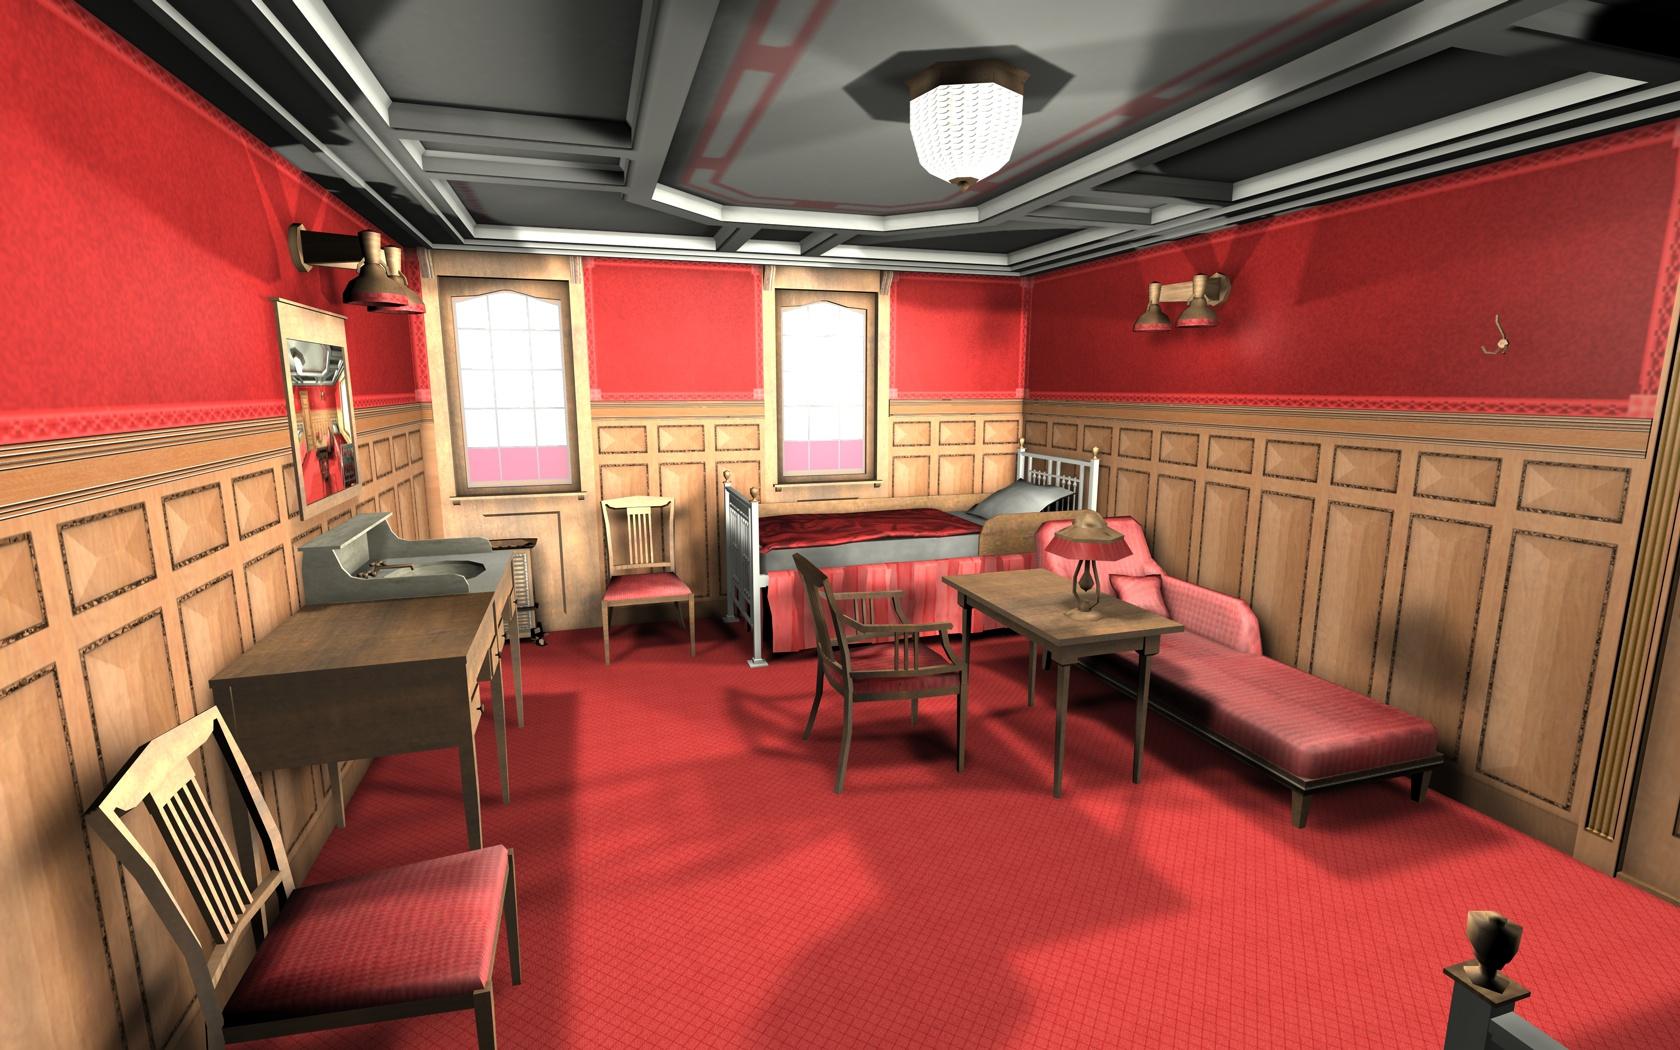 B57 renovated image - Mafia Titanic Mod for Mafia: The ...